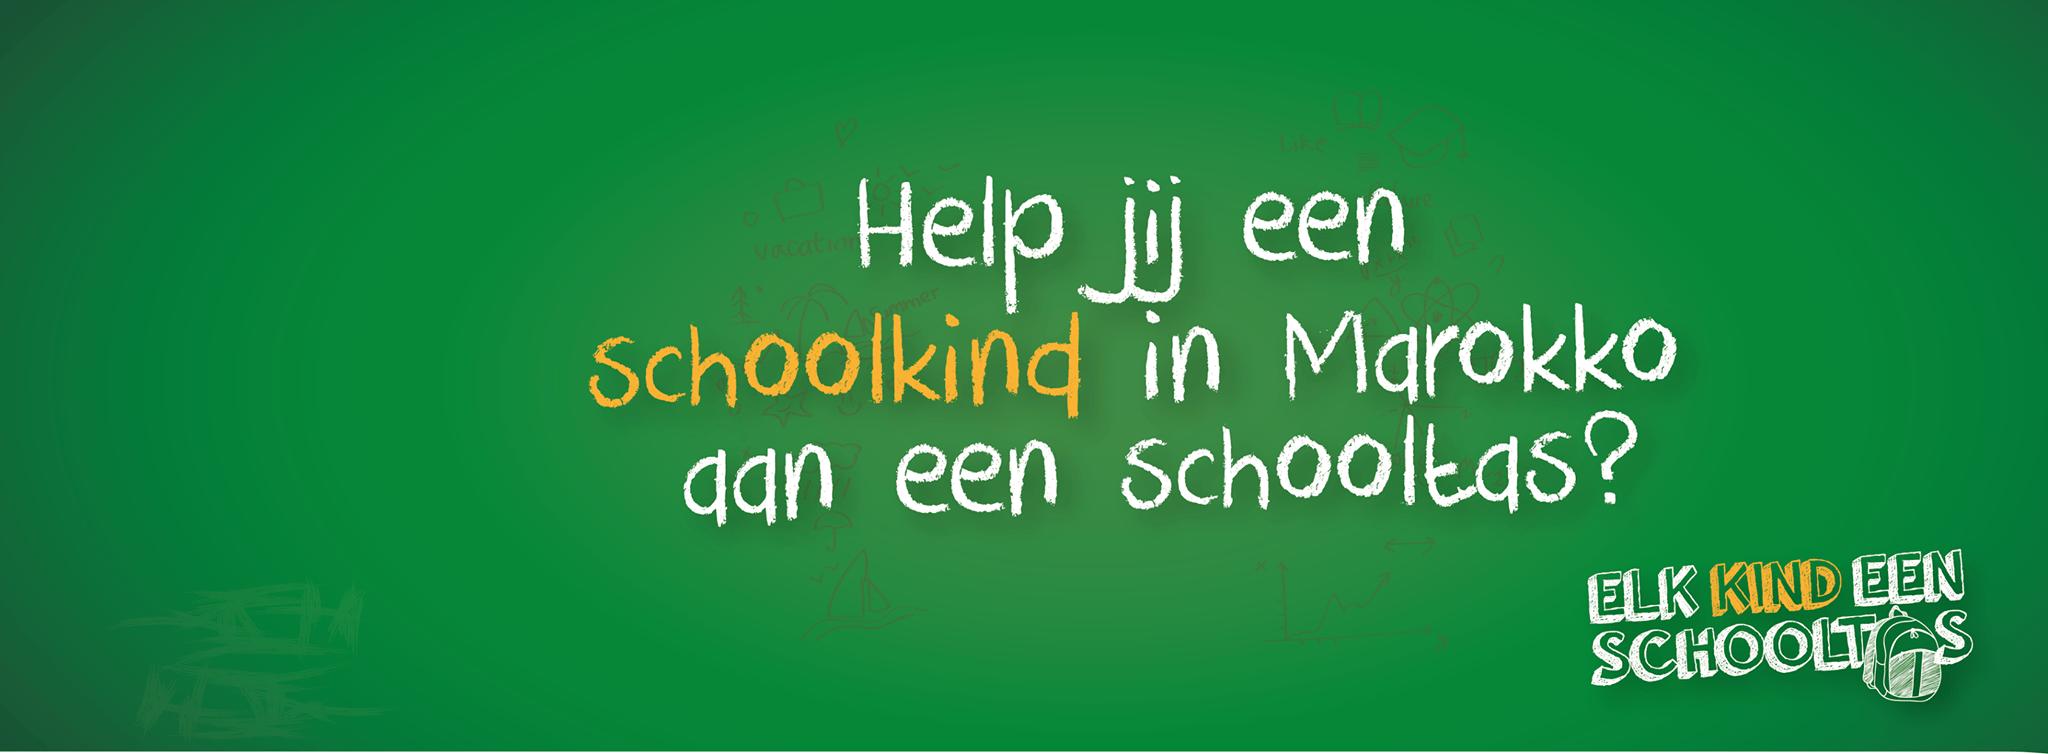 Hartverwarmende actie voor arme schoolkinderen Marokko, help mee!